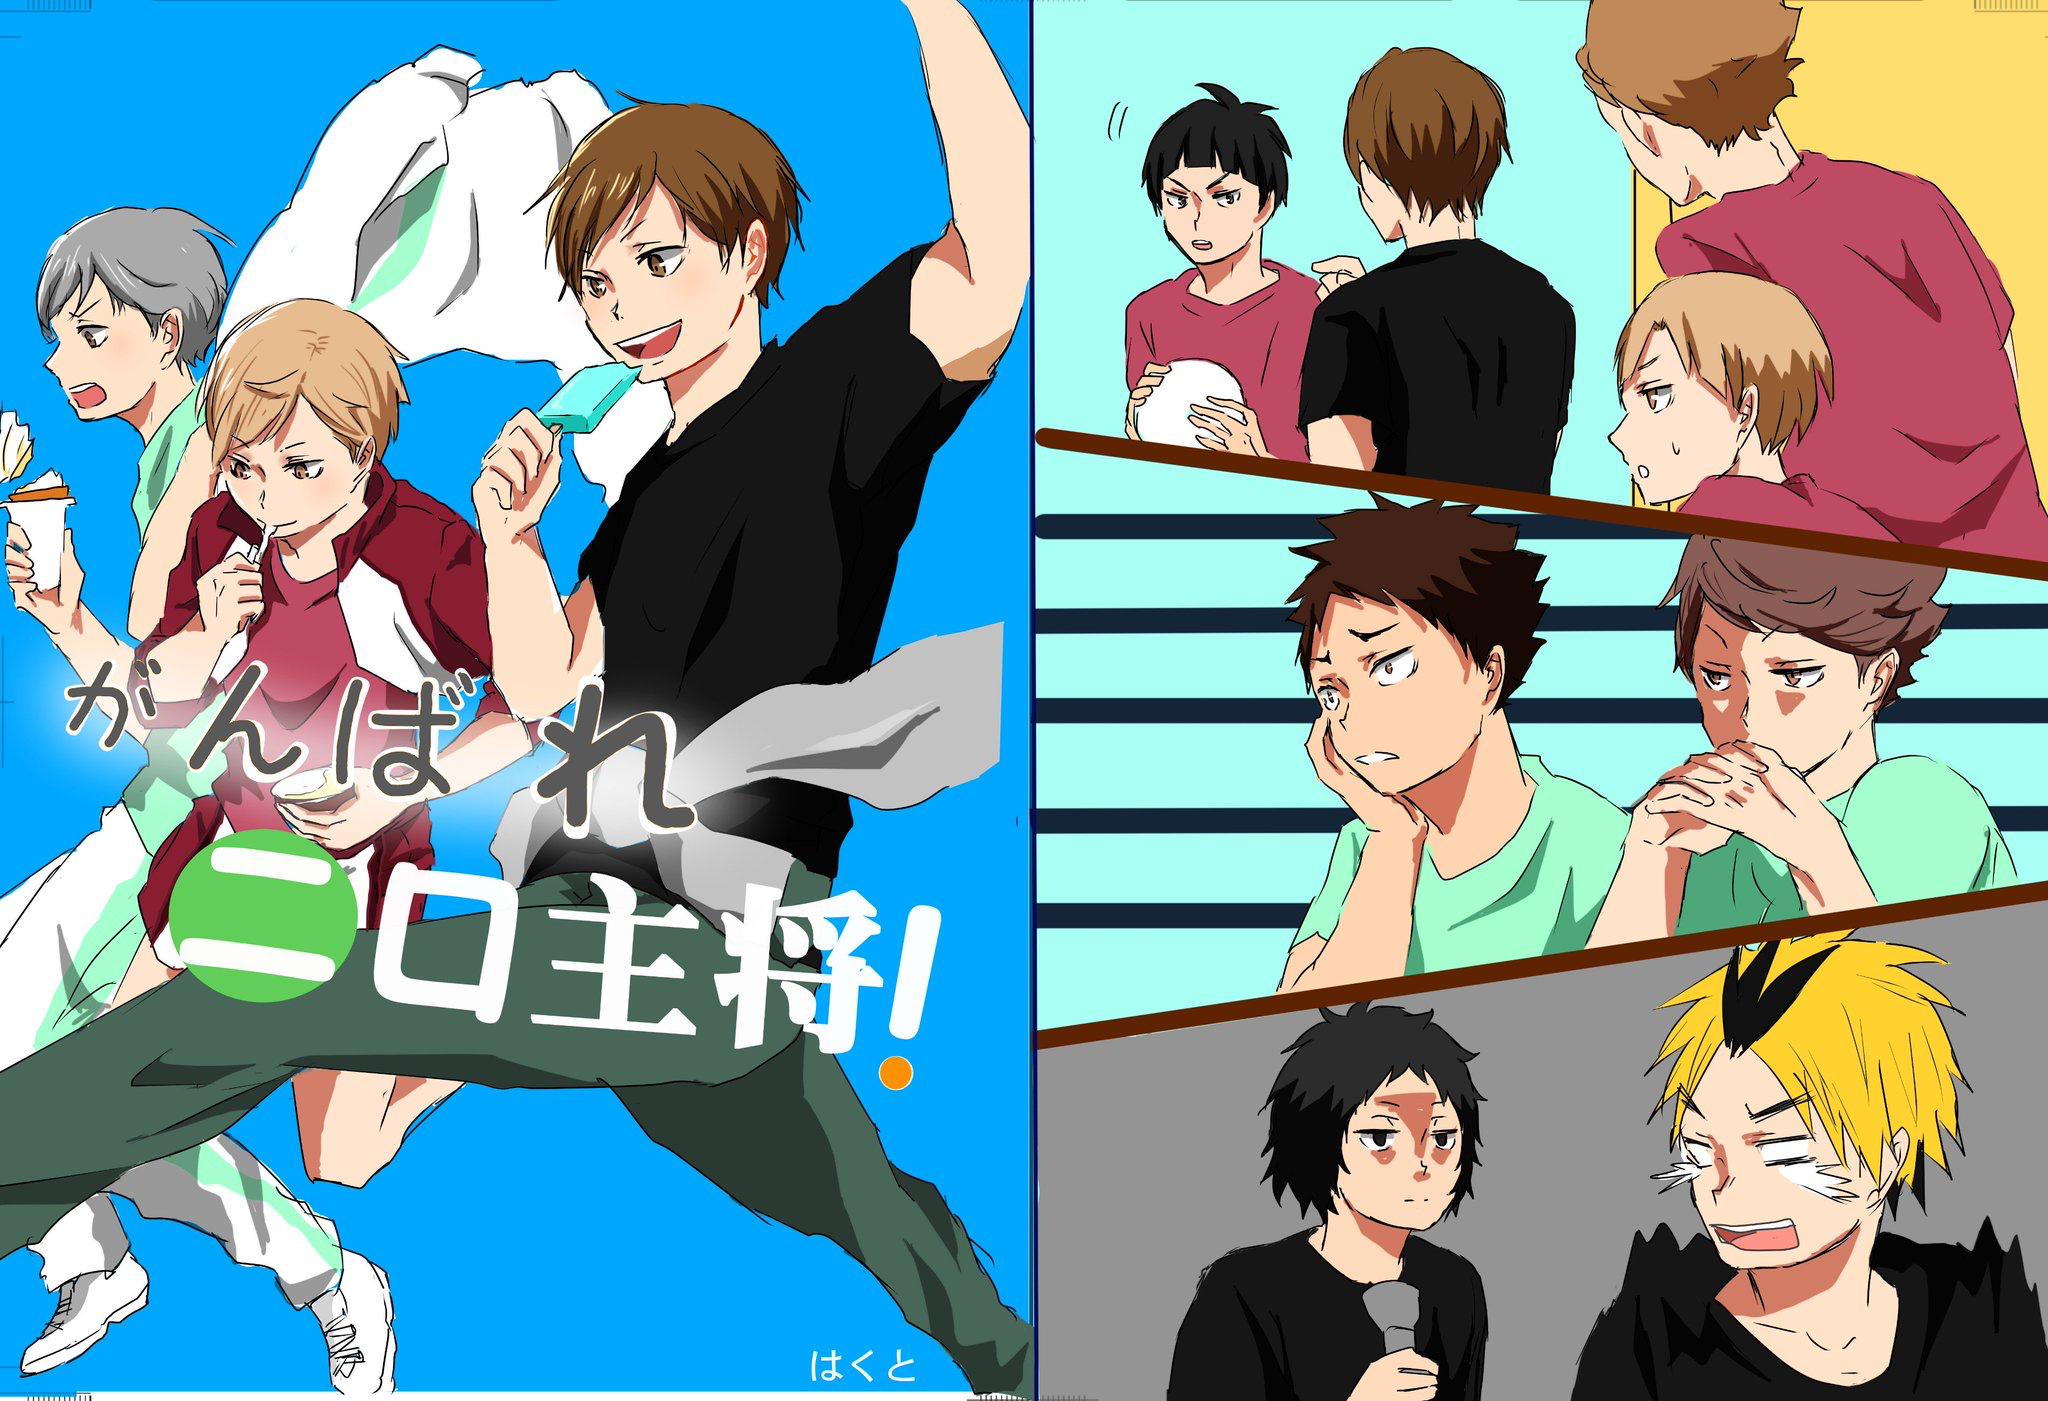 Pin by Luna Kiarran on Haikyuu!! Anime, Manga, Movie posters